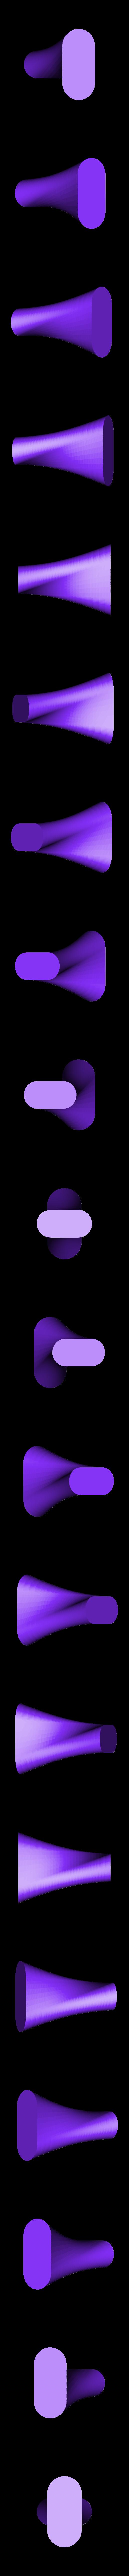 Twist-2.STL Télécharger fichier STL gratuit VASE TWIST • Plan imprimable en 3D, Jameschu